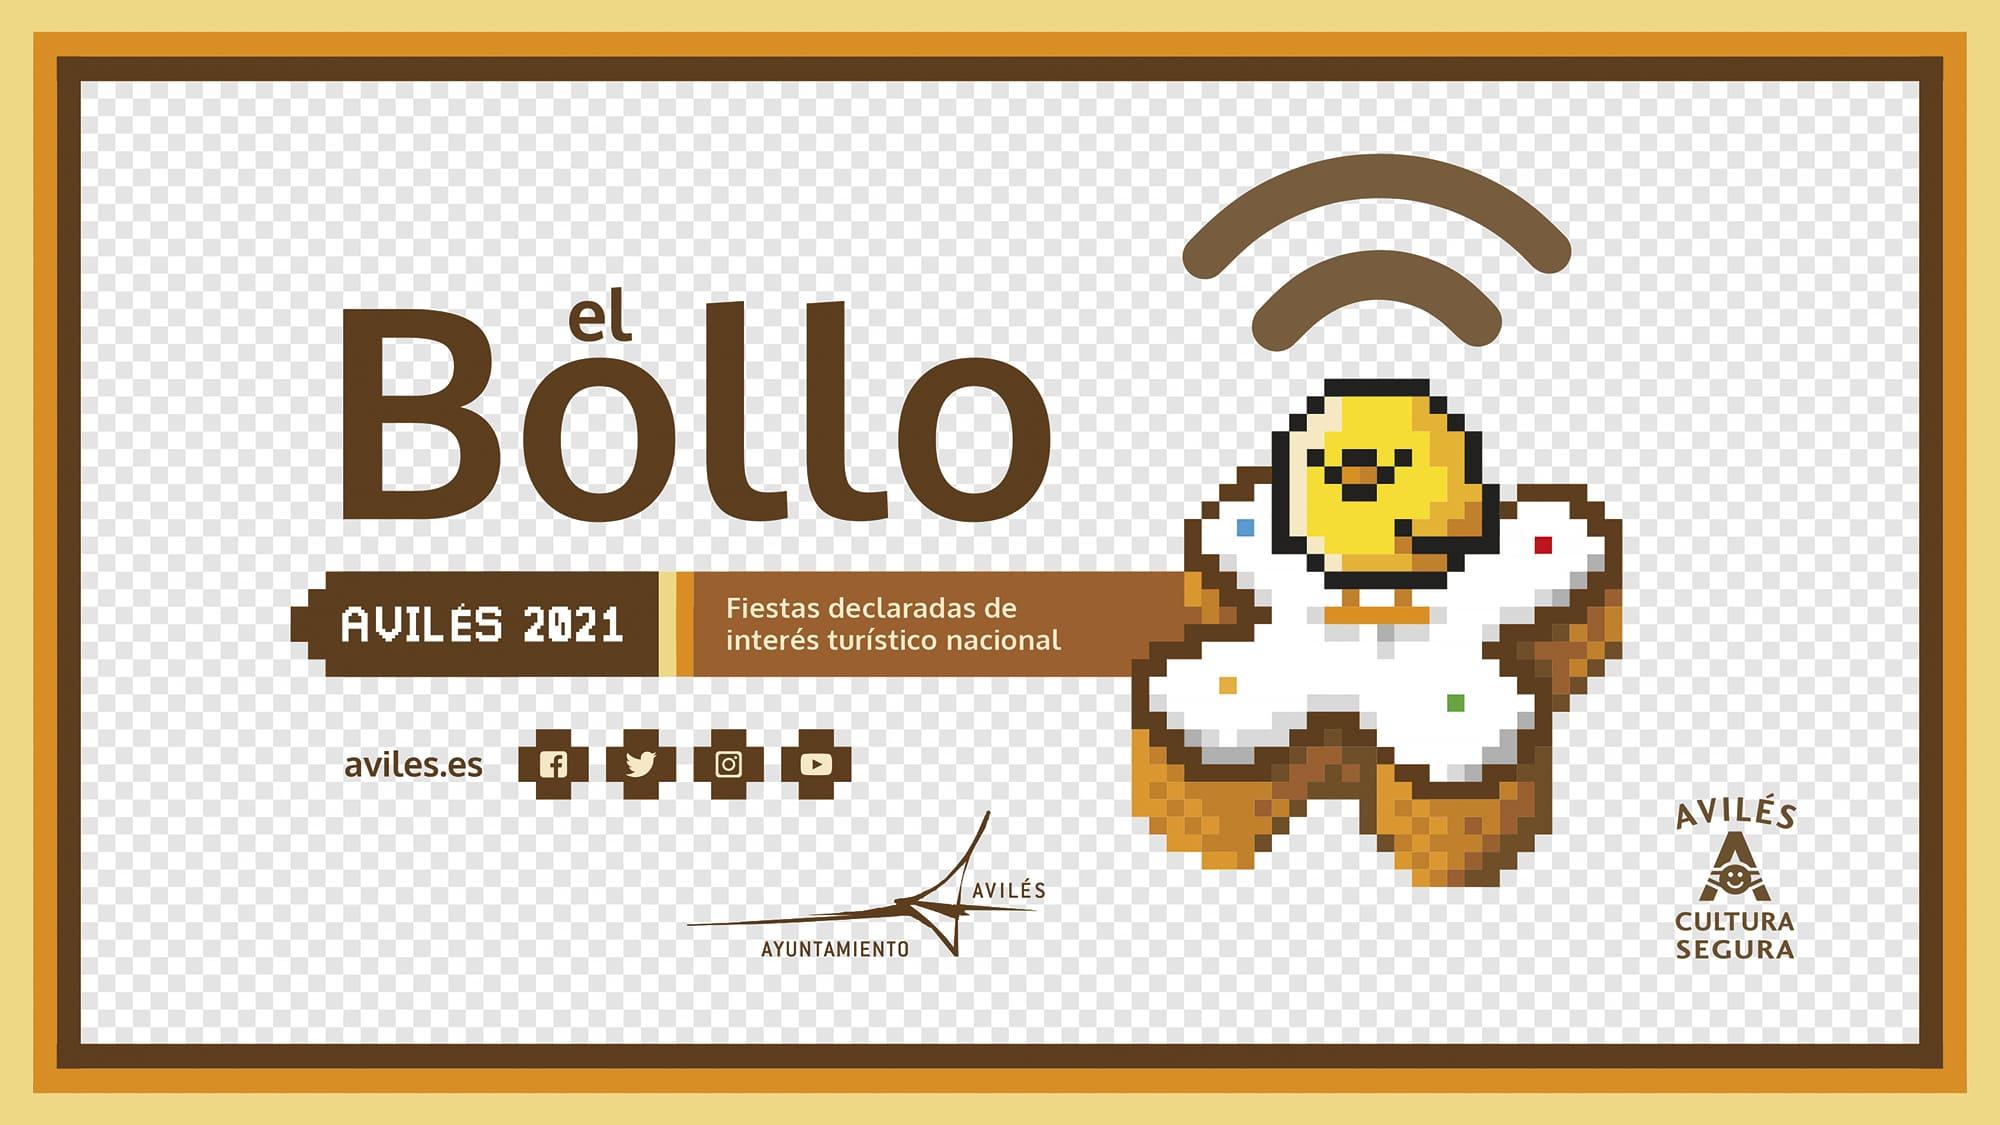 programa fiestas del bollo aviles 2021